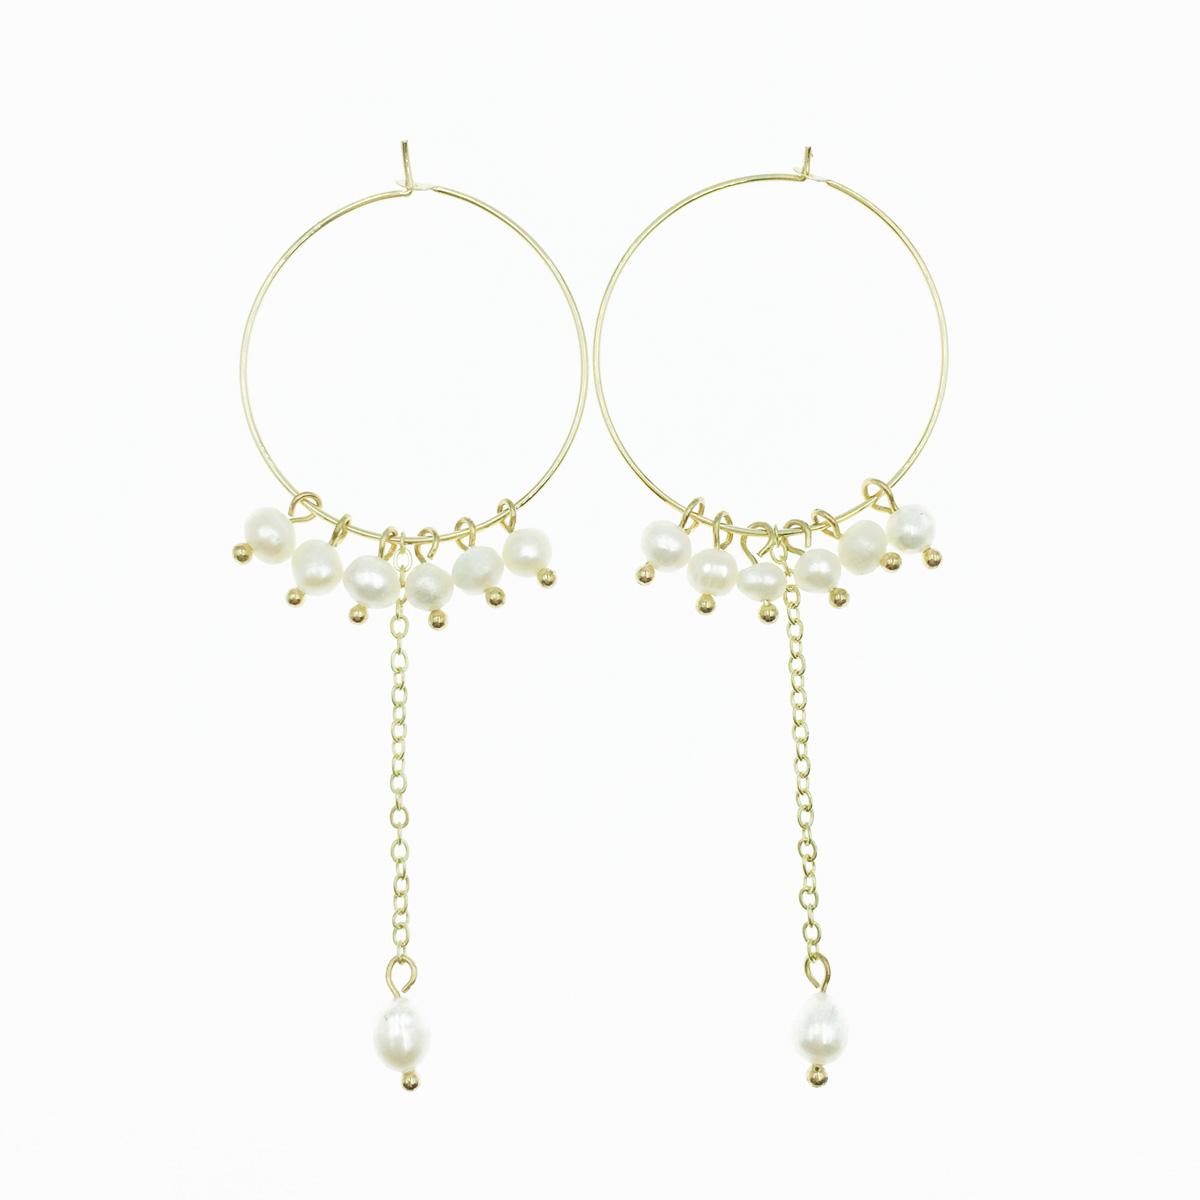 韓國 925純銀 圓圈 圈圈 金 珍珠 垂墜感 耳針式耳環